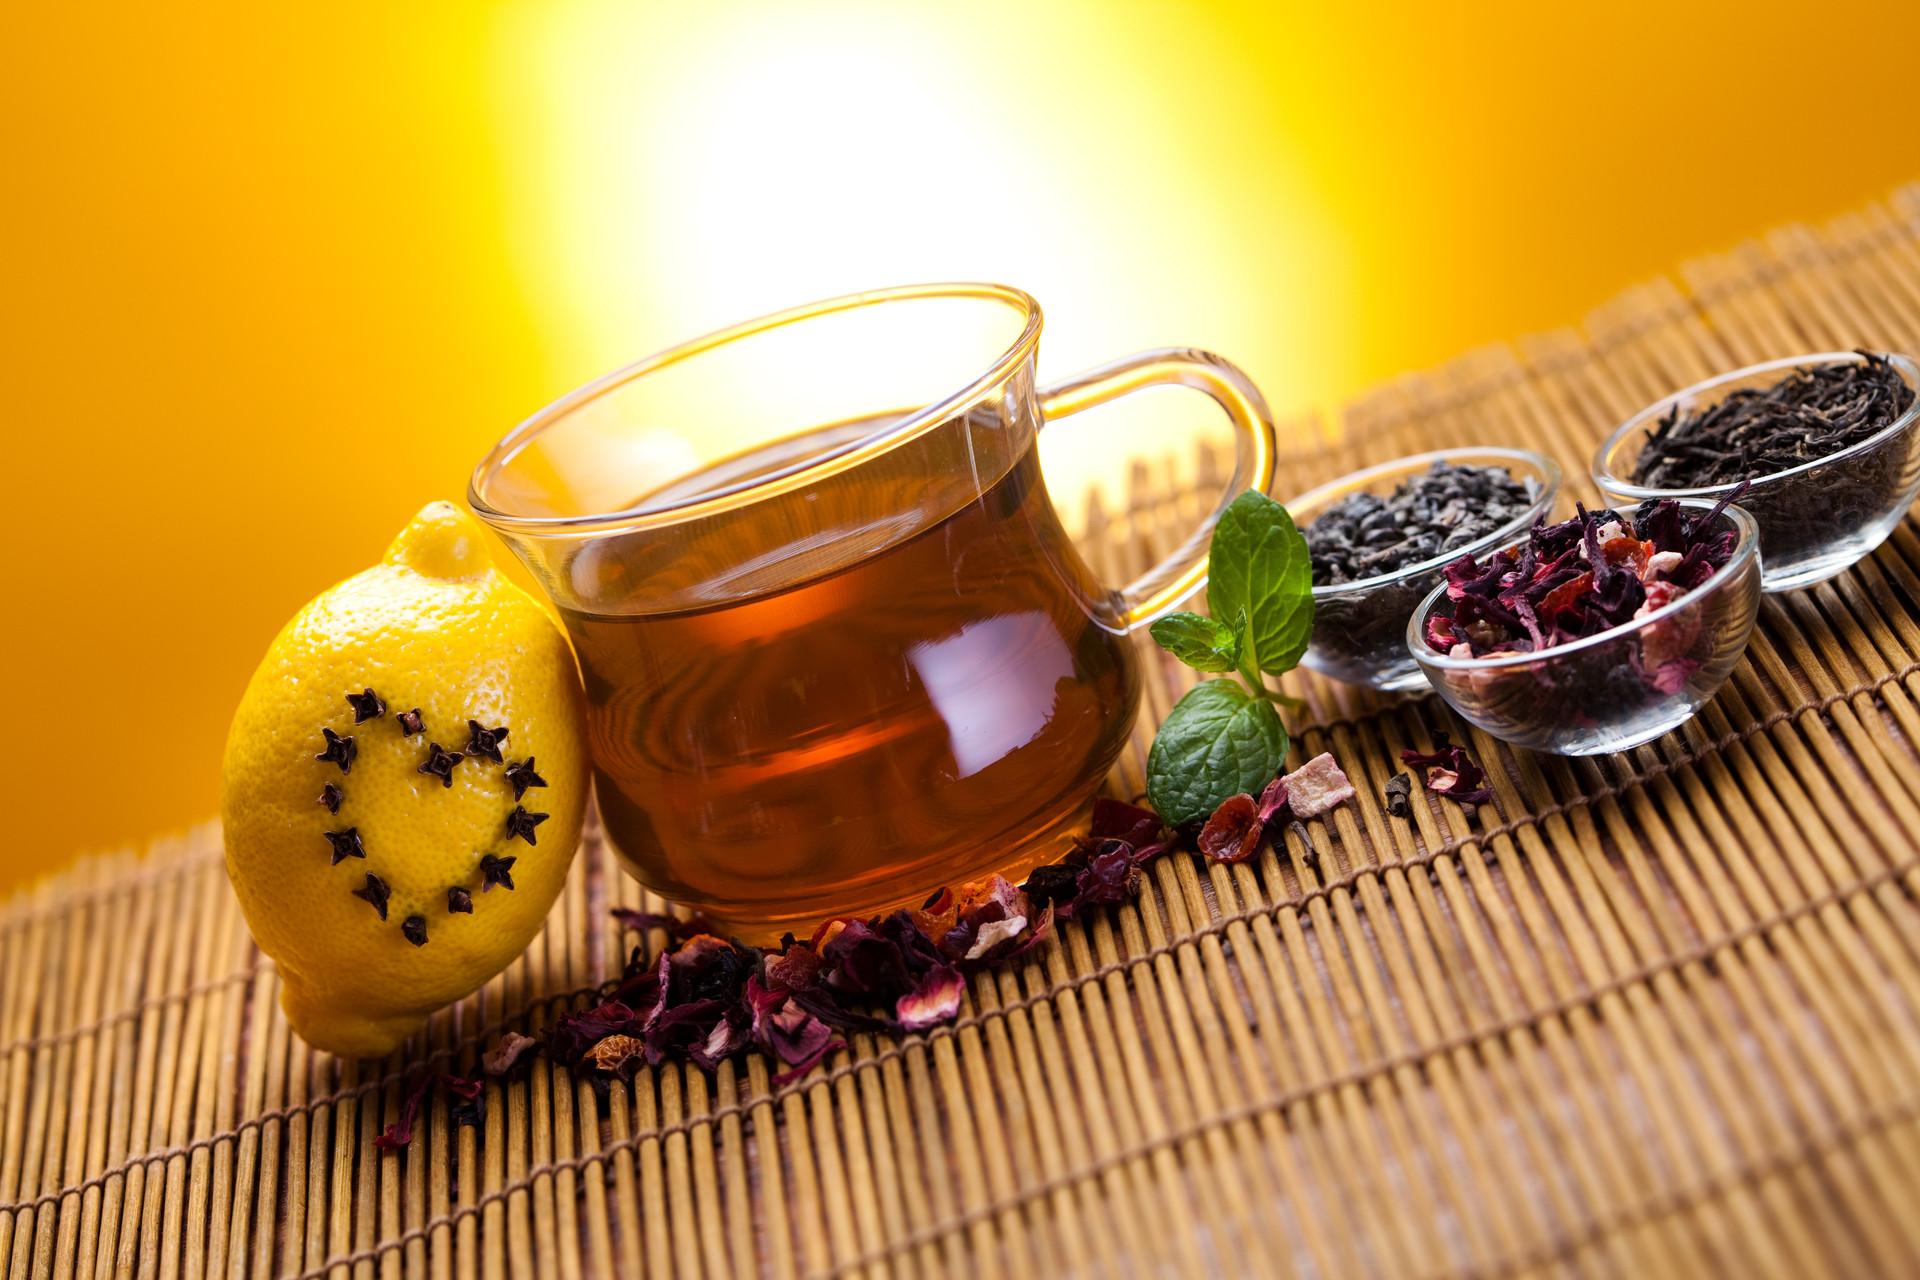 Чай и сухофрукты  № 674215 без смс